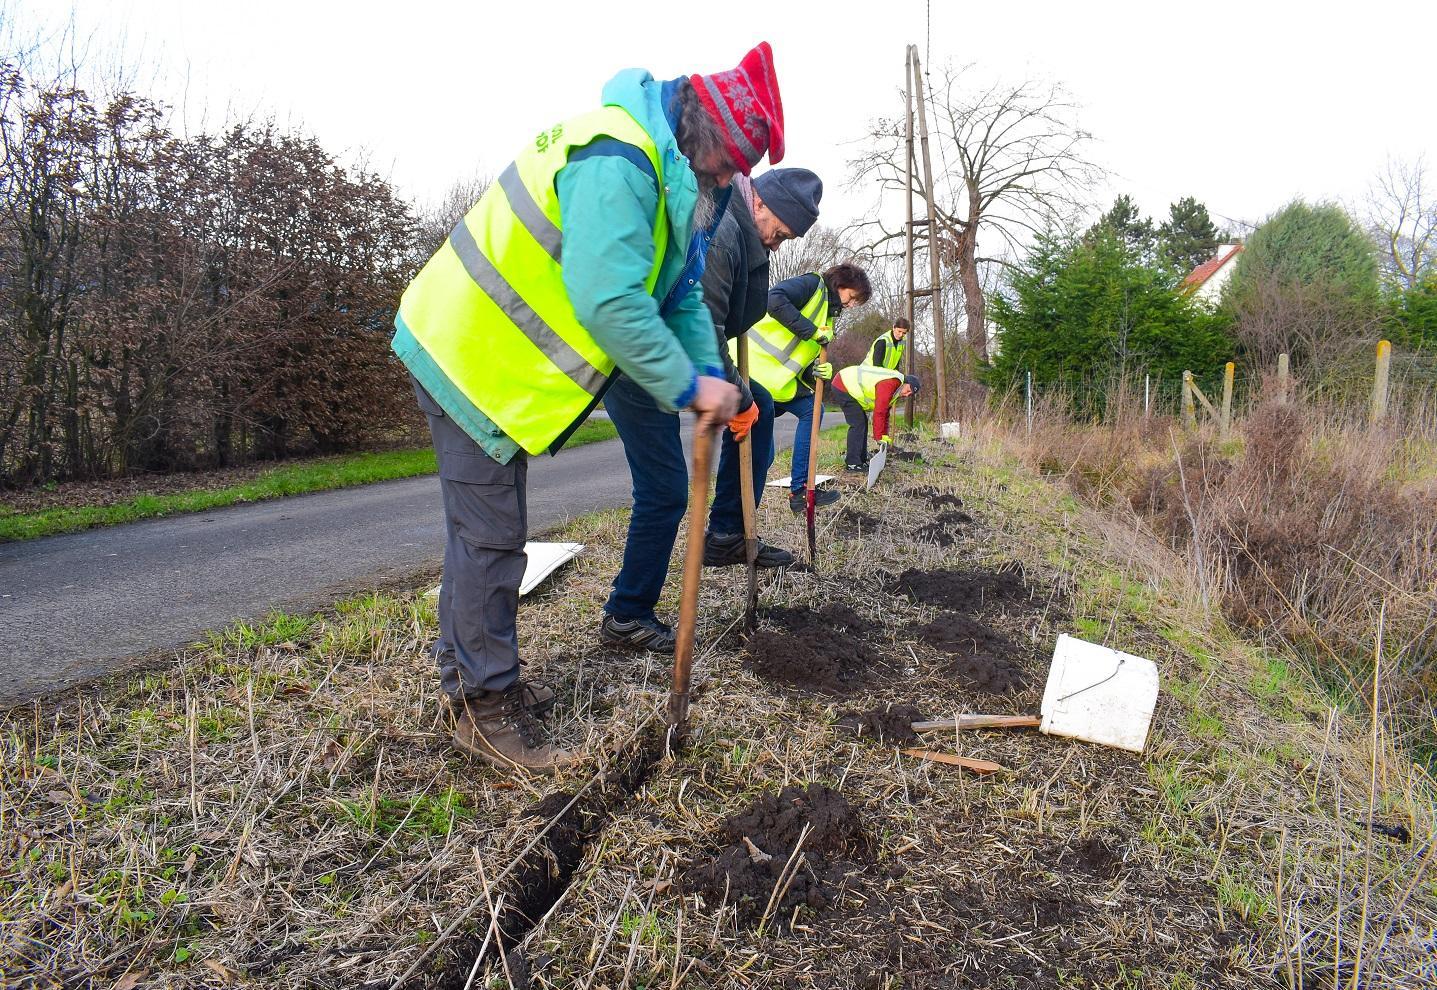 Vrijwilligers Natuurpunt Rupelstreek en medewerkers Cummins plaatsen paddenschermen langs de Doornlaarlei in Rumst - foto: Yente De Maesschalck